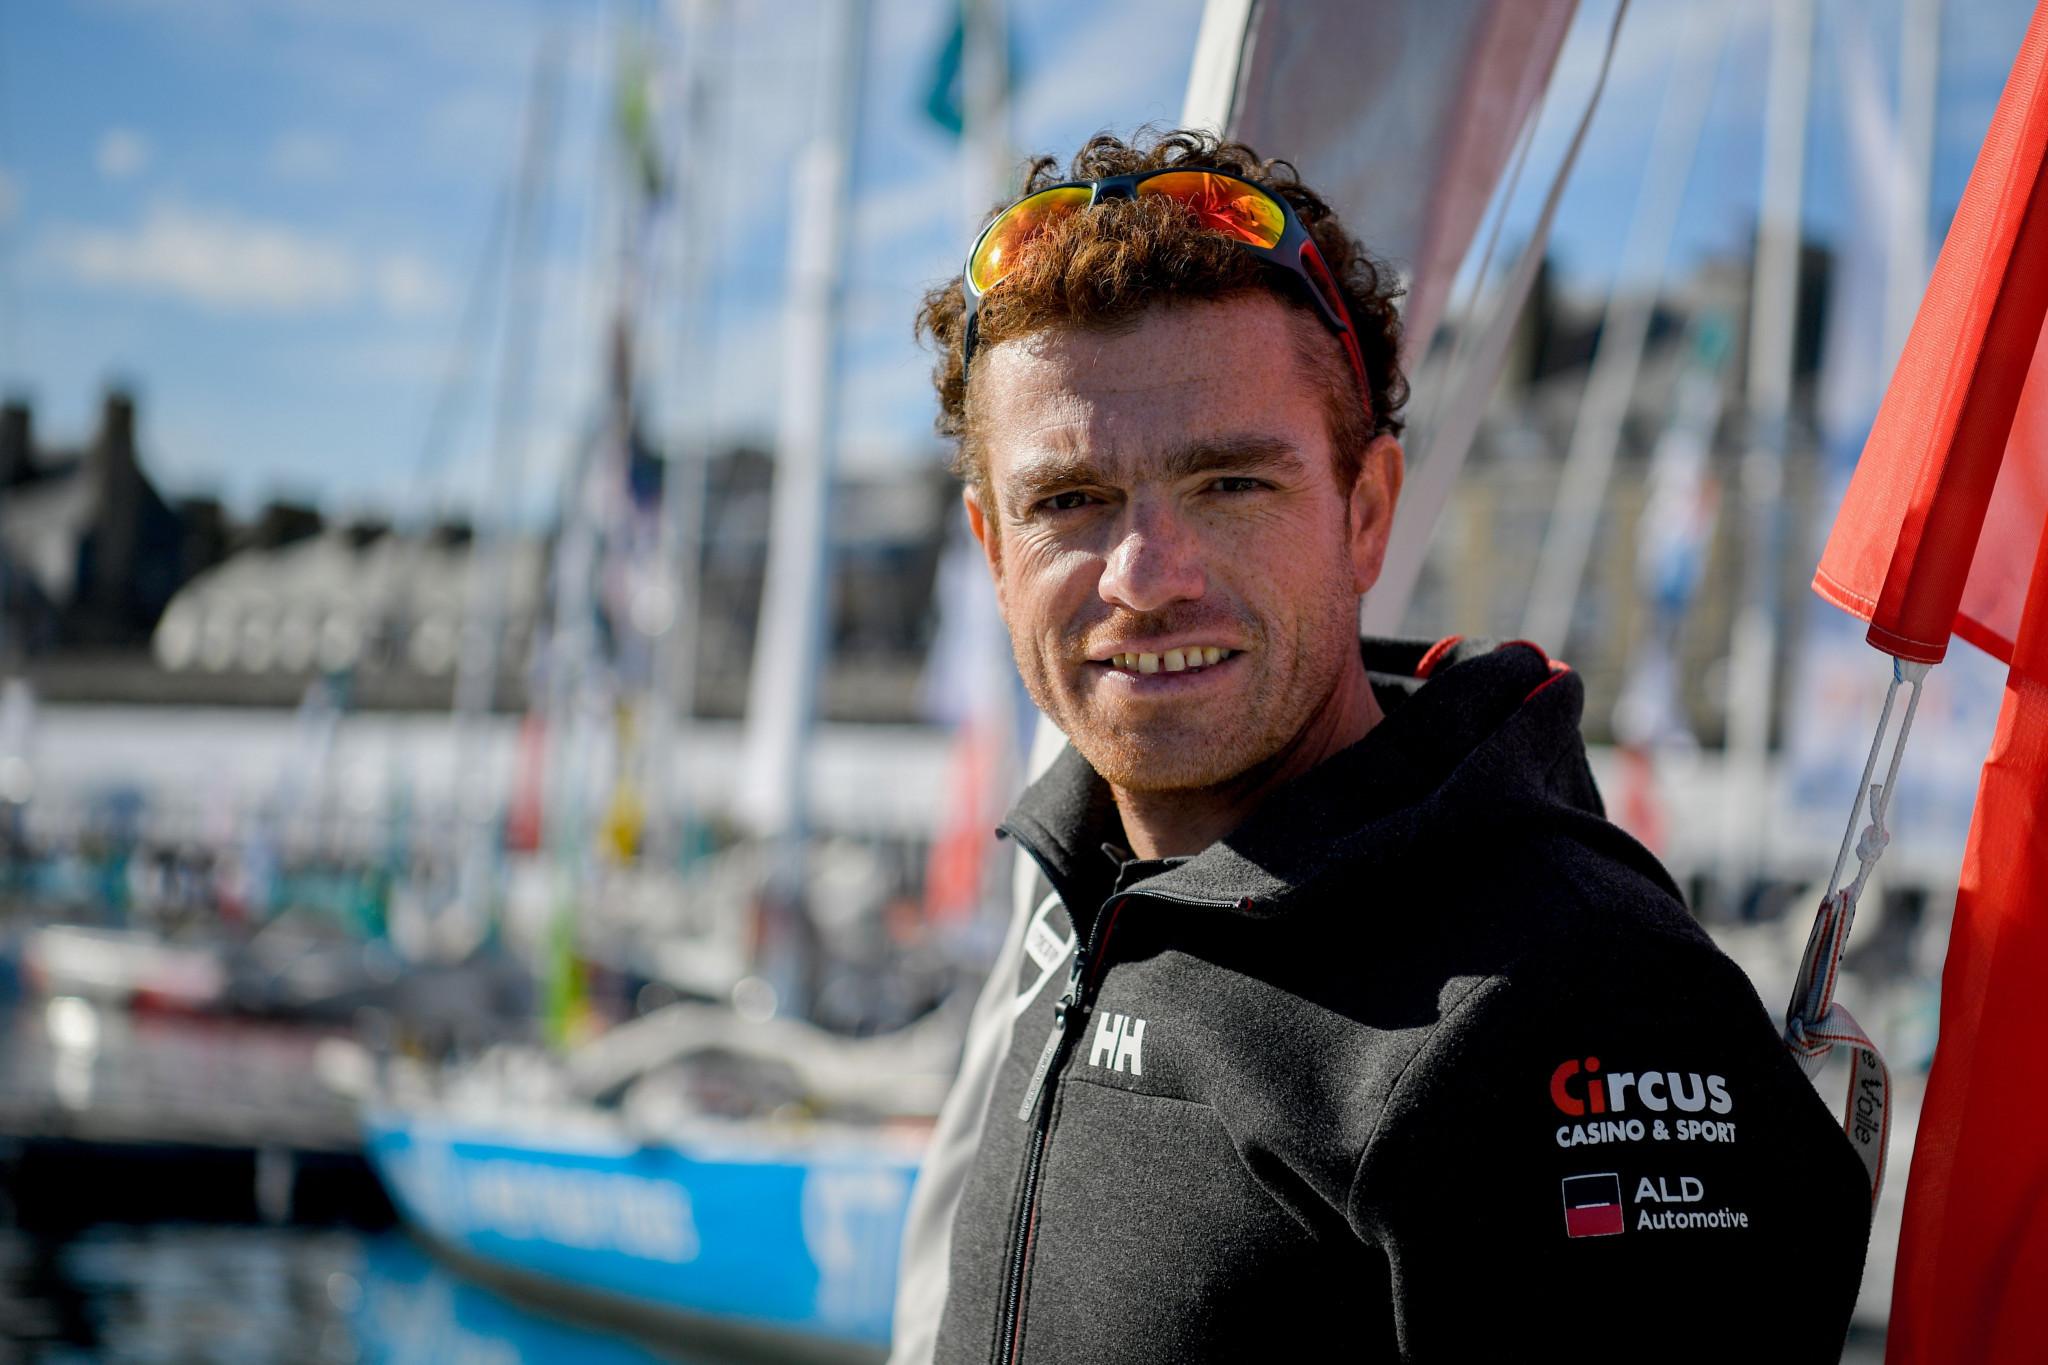 Belgian skipper Gerckens discusses sailing plans for Paris 2024